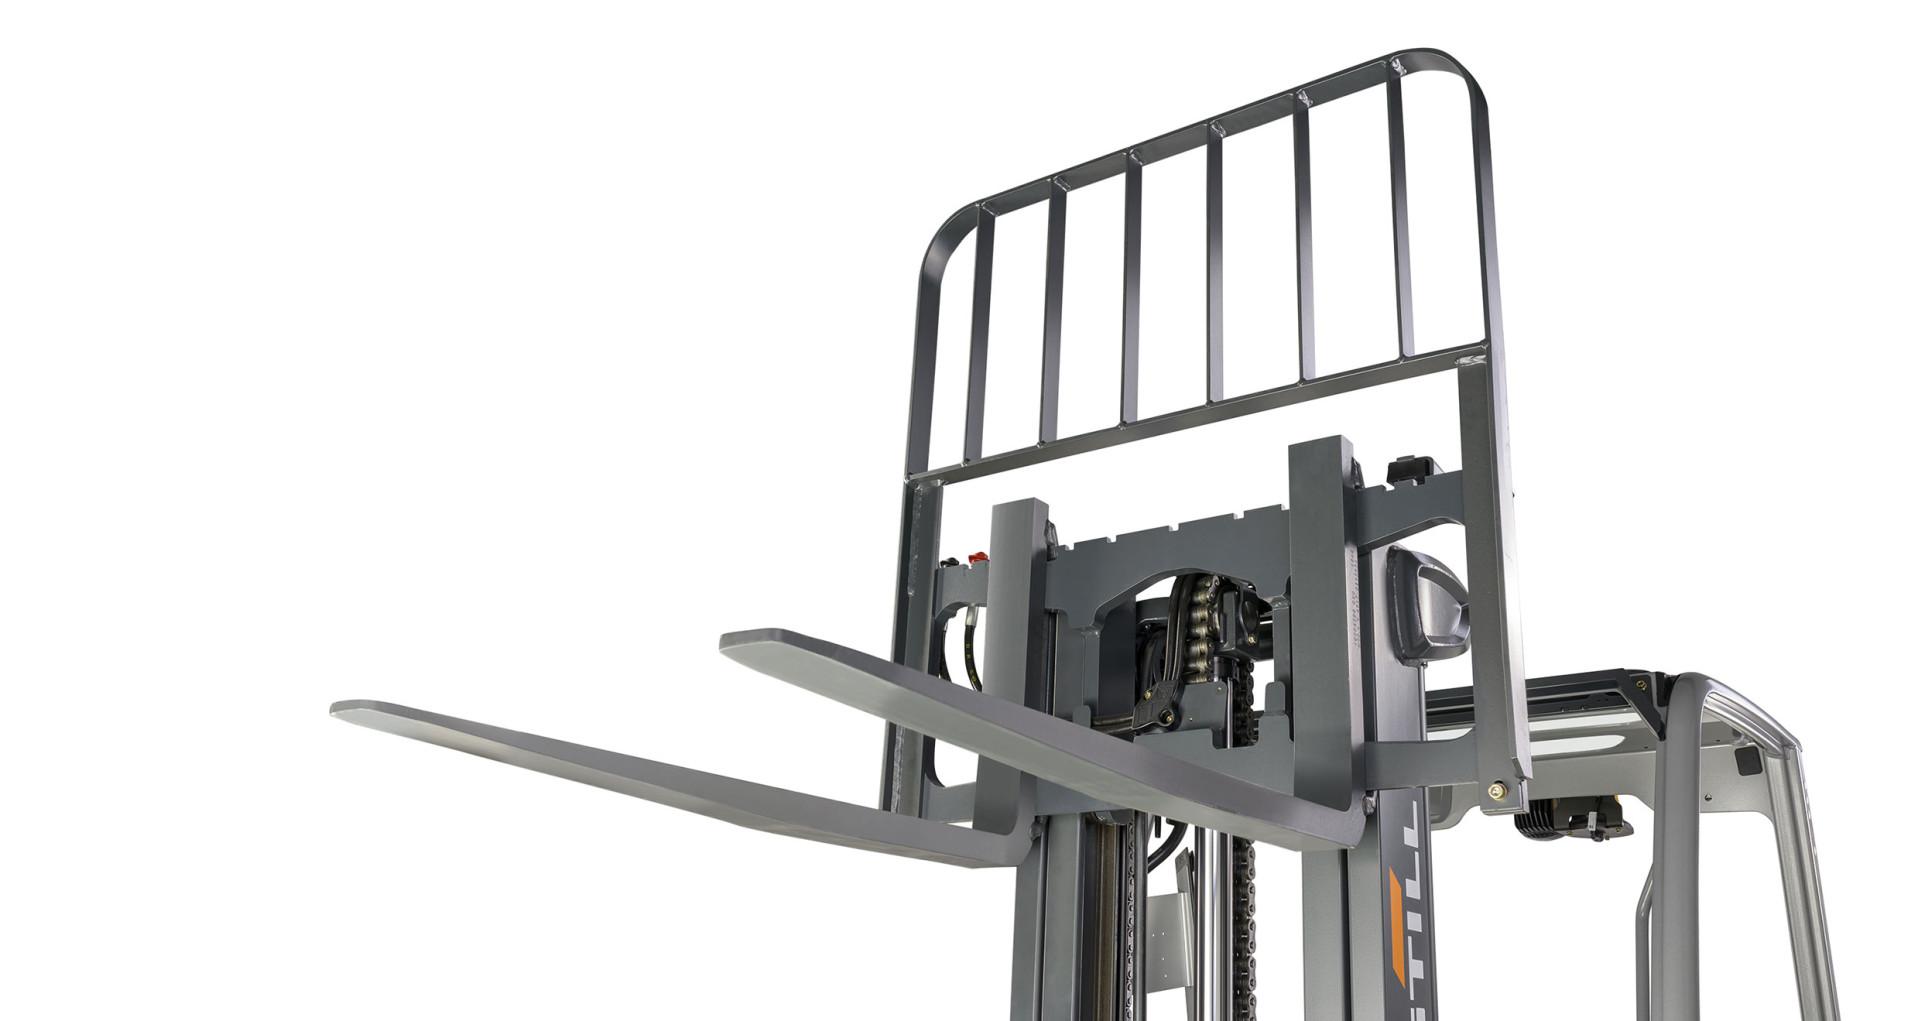 Vision des fourches en hauteur, dosseret d'appui de charge avec grilles de protection de la charge (maintien en place des marchandises)